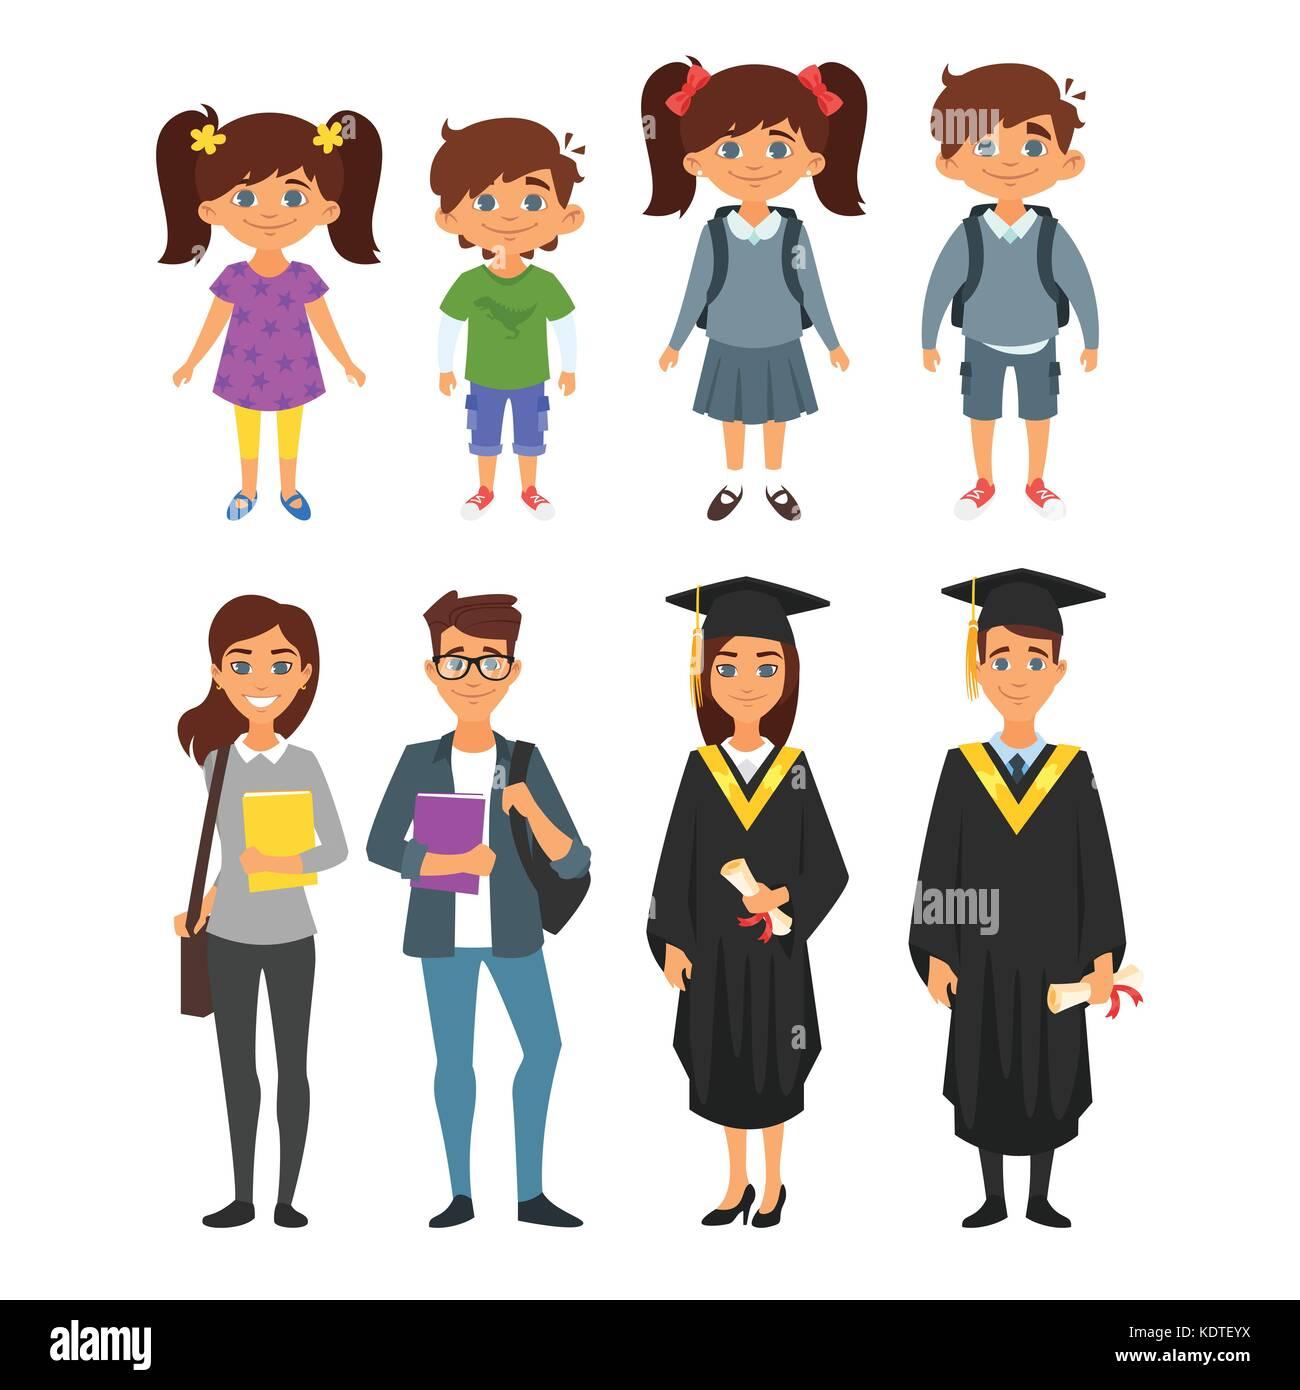 Juego Del Estilo De Dibujos Animados De Vectores De Educación